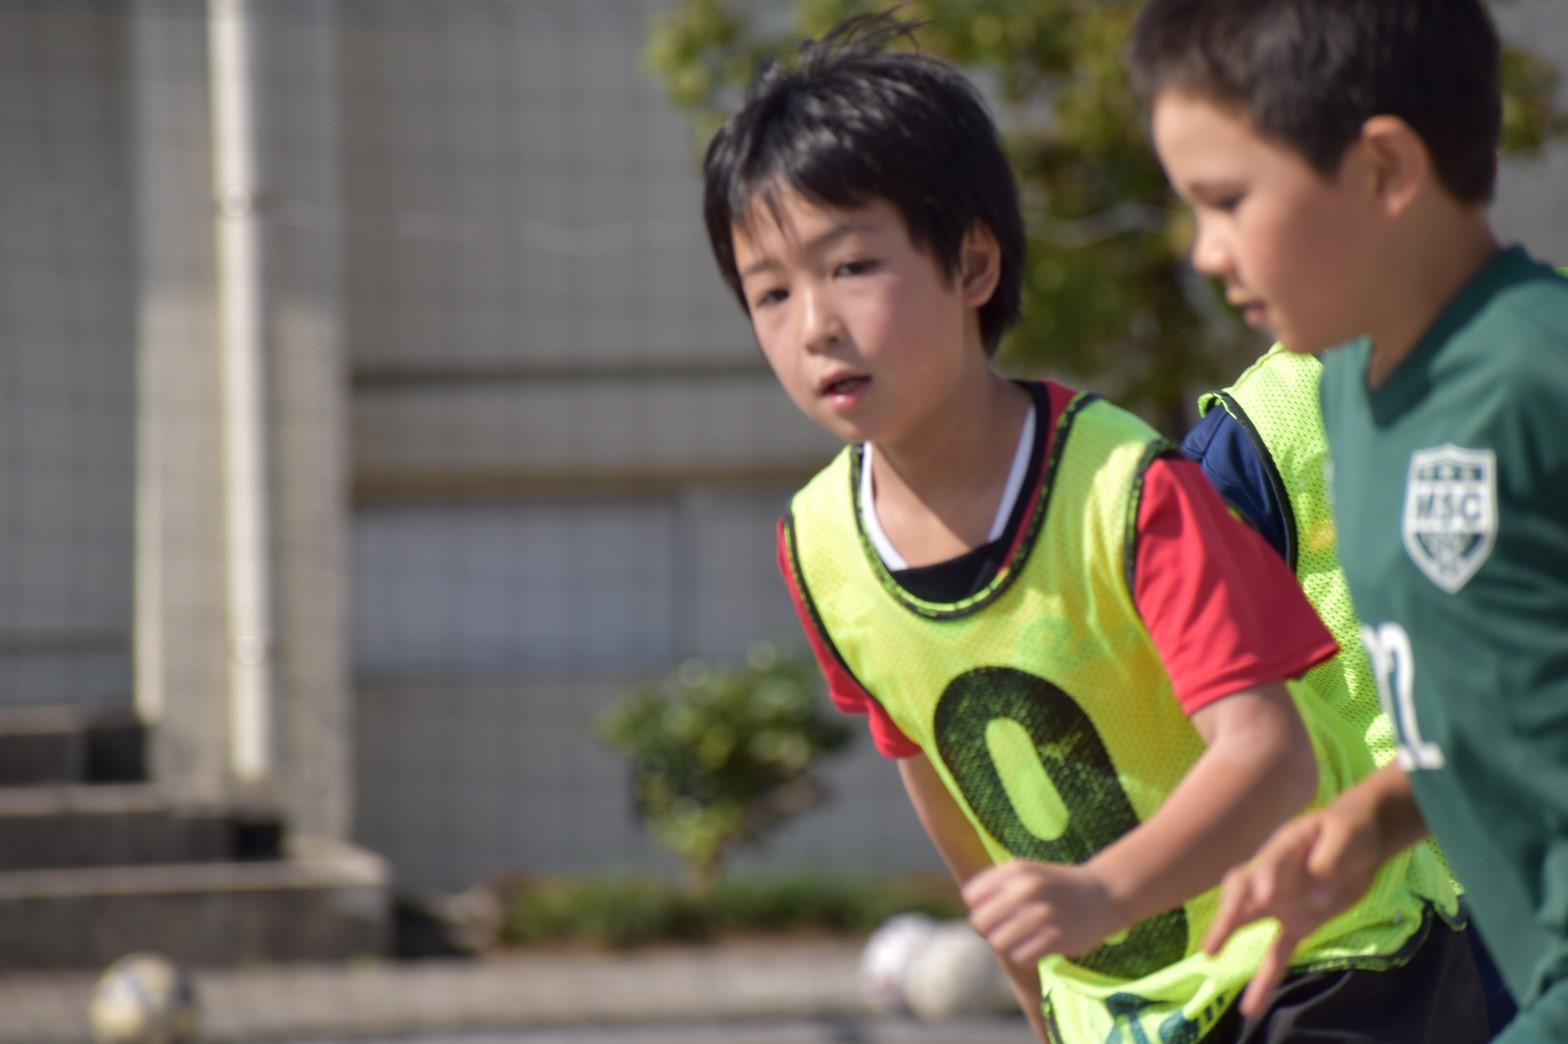 江戸川区の少年少女サッカークラブ「ロッソサッカークラブ」 柴又球技場サッカー場